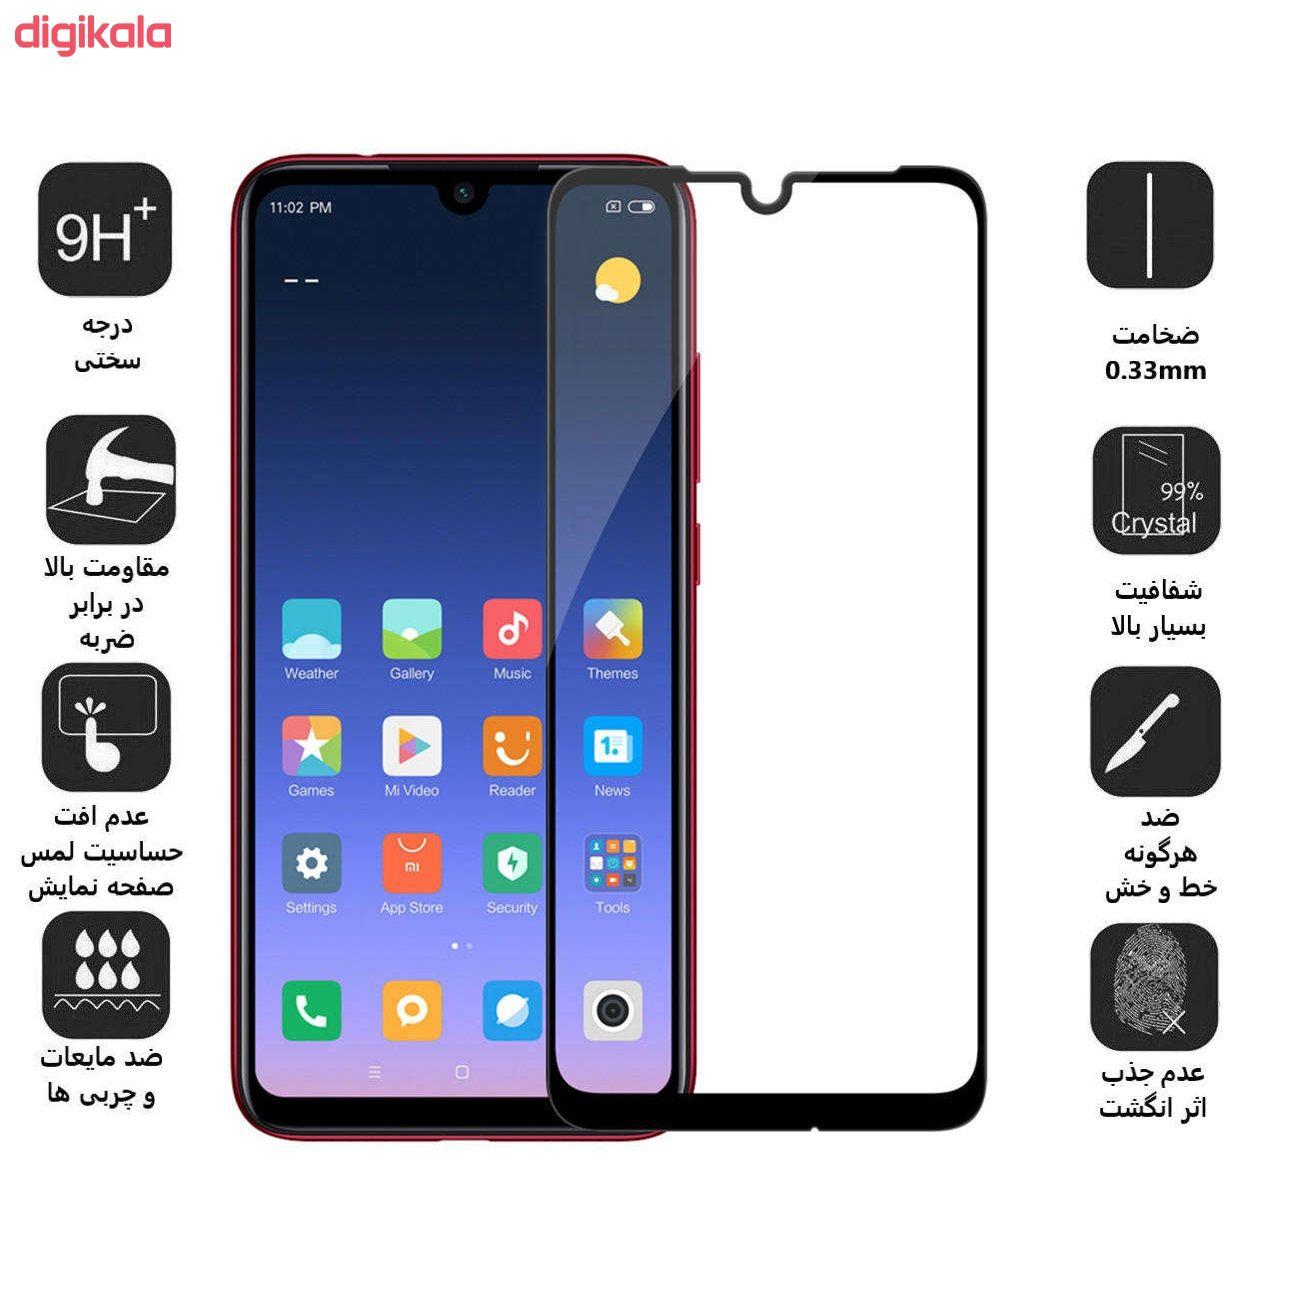 محافظ صفحه نمایش ولگا مدل powertech مناسب برای گوشی موبایل شیائومی Redmi Note 7 main 1 1